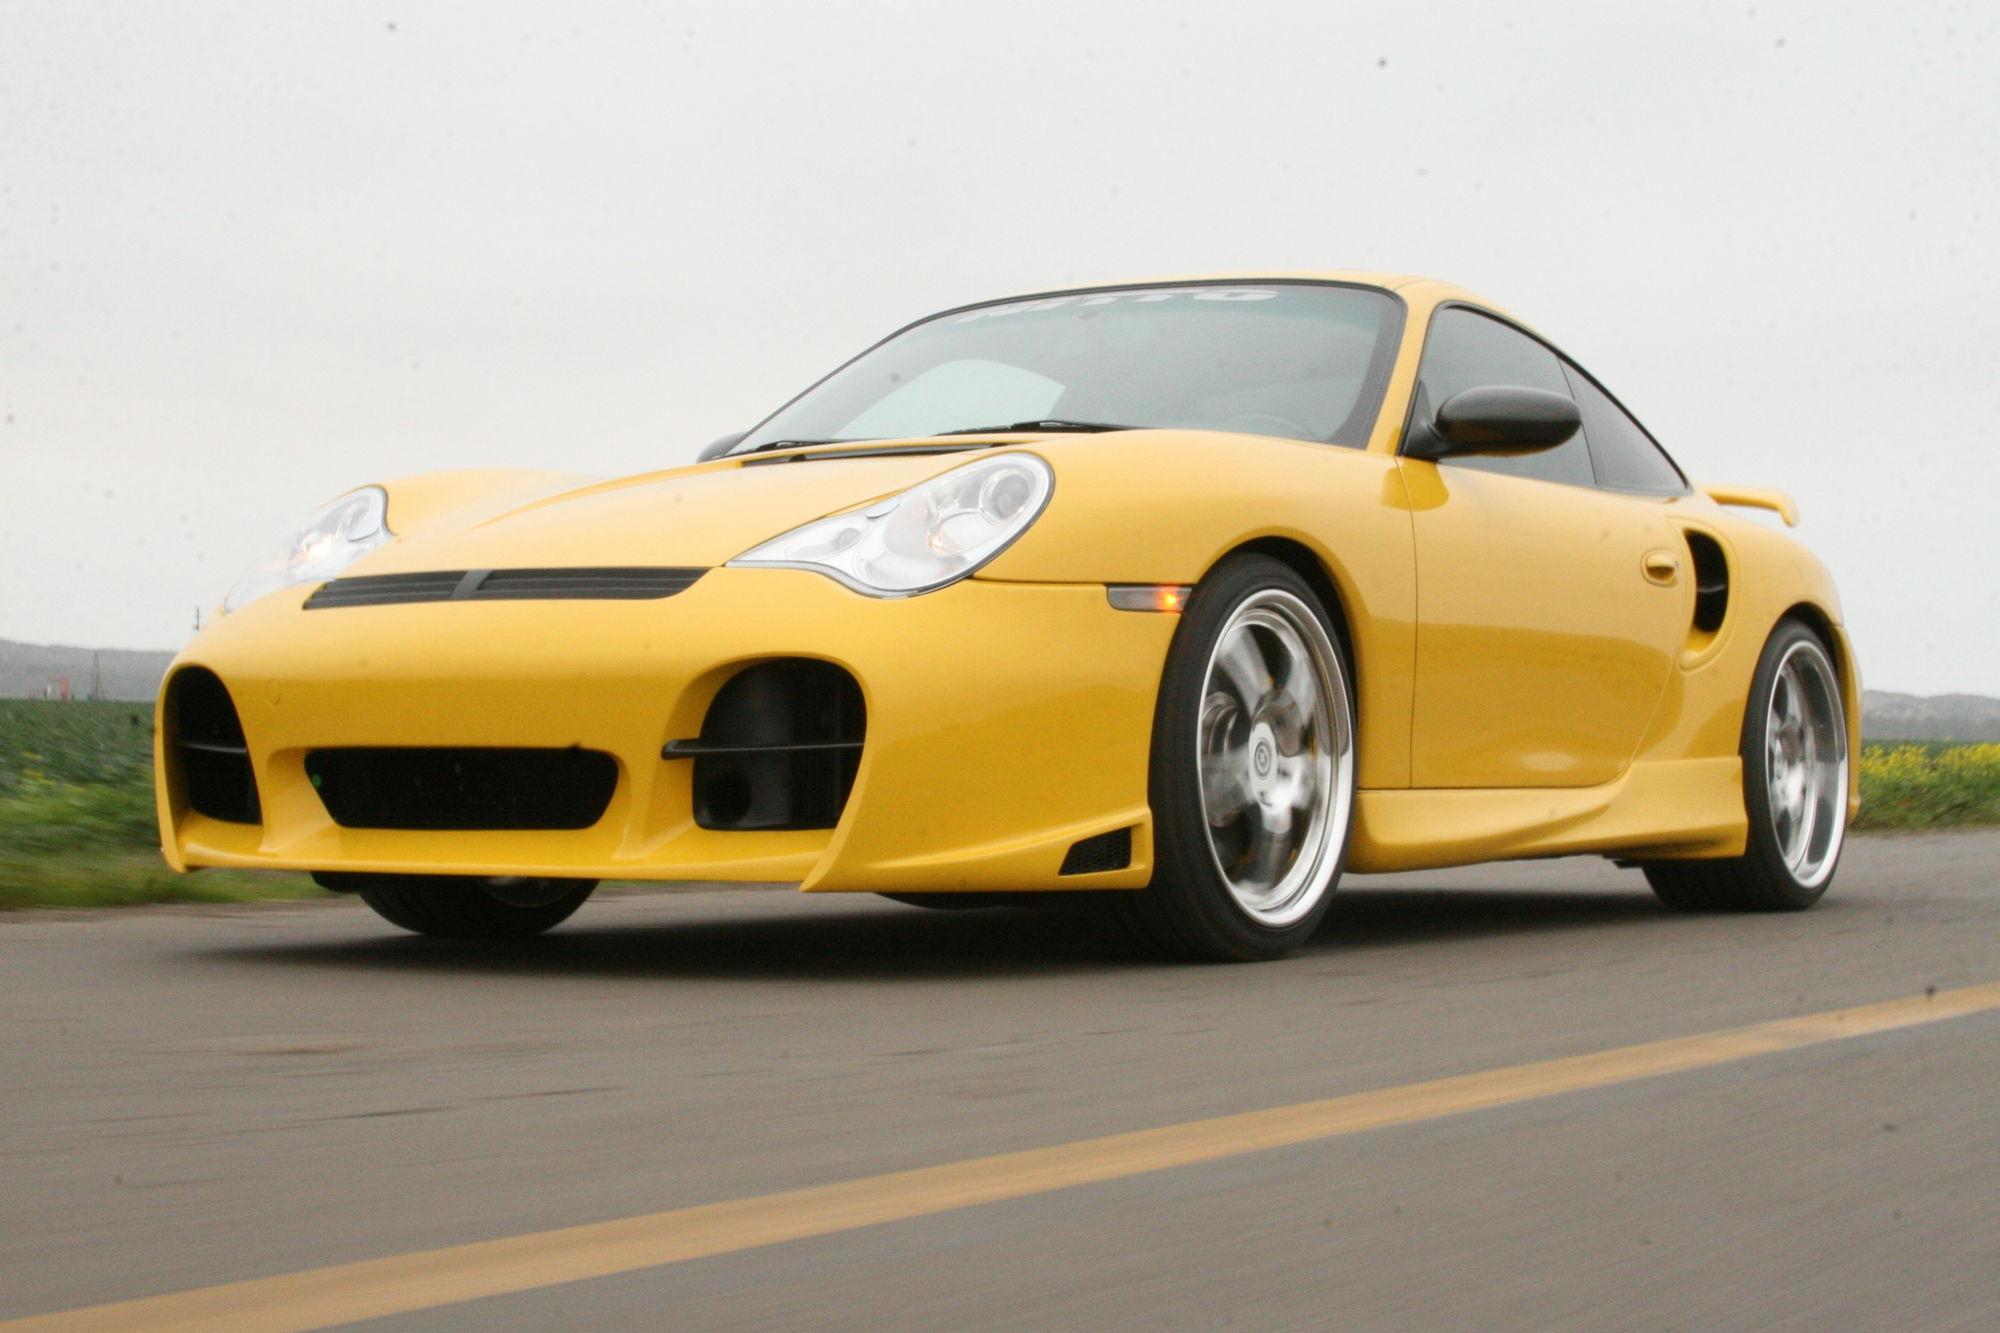 80-1_f207f04ae0ca39c5e2d286c15b44e9e7e17dff0f Terrific 2002 Porsche 911 Carrera Turbo Gt2 X50 Cars Trend